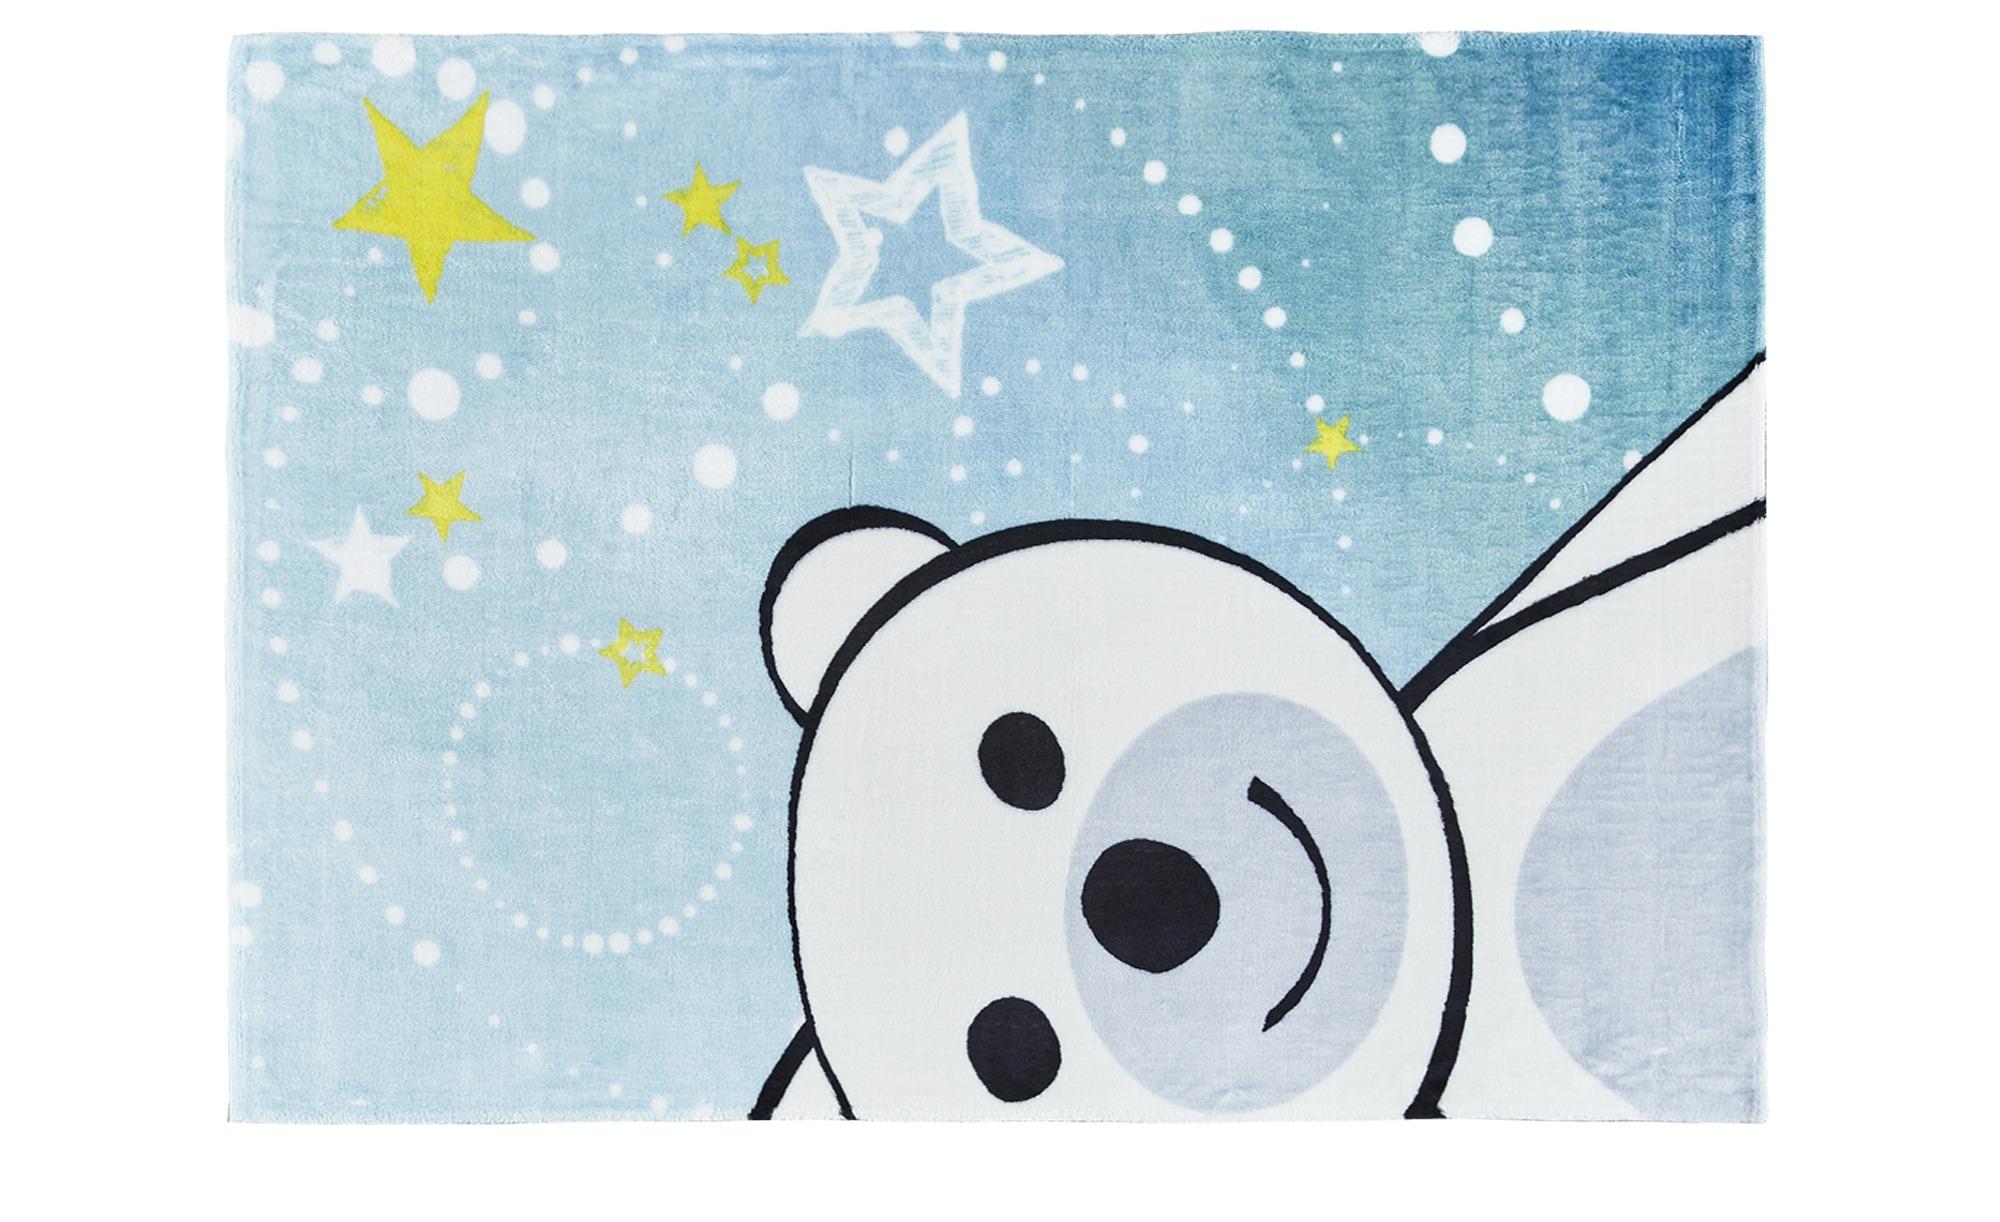 Kinderteppich ¦ blau ¦ Rückseite: Baumwolle , 100% Soft Polyester  ¦ Maße (cm): B: 90 Teppiche > Kinderteppiche - Höffner